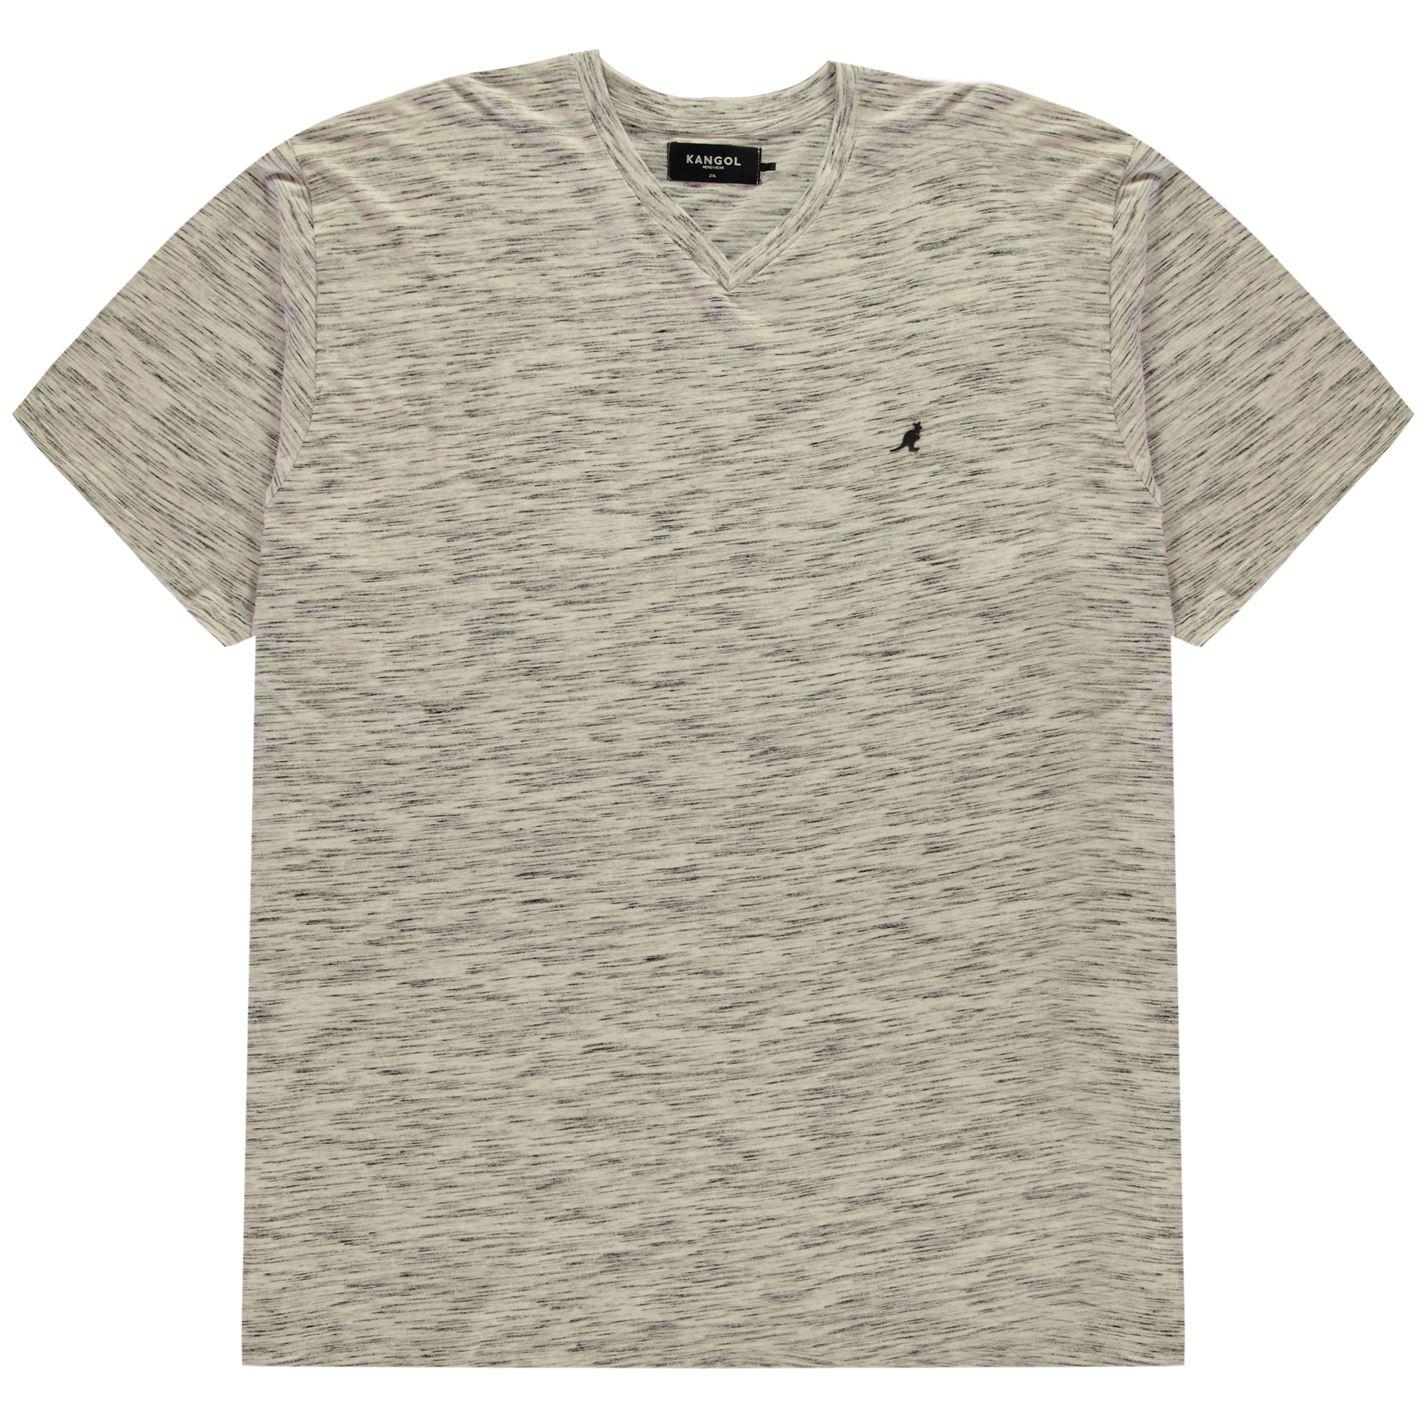 Kangol XL Lucian T Shirt Mens